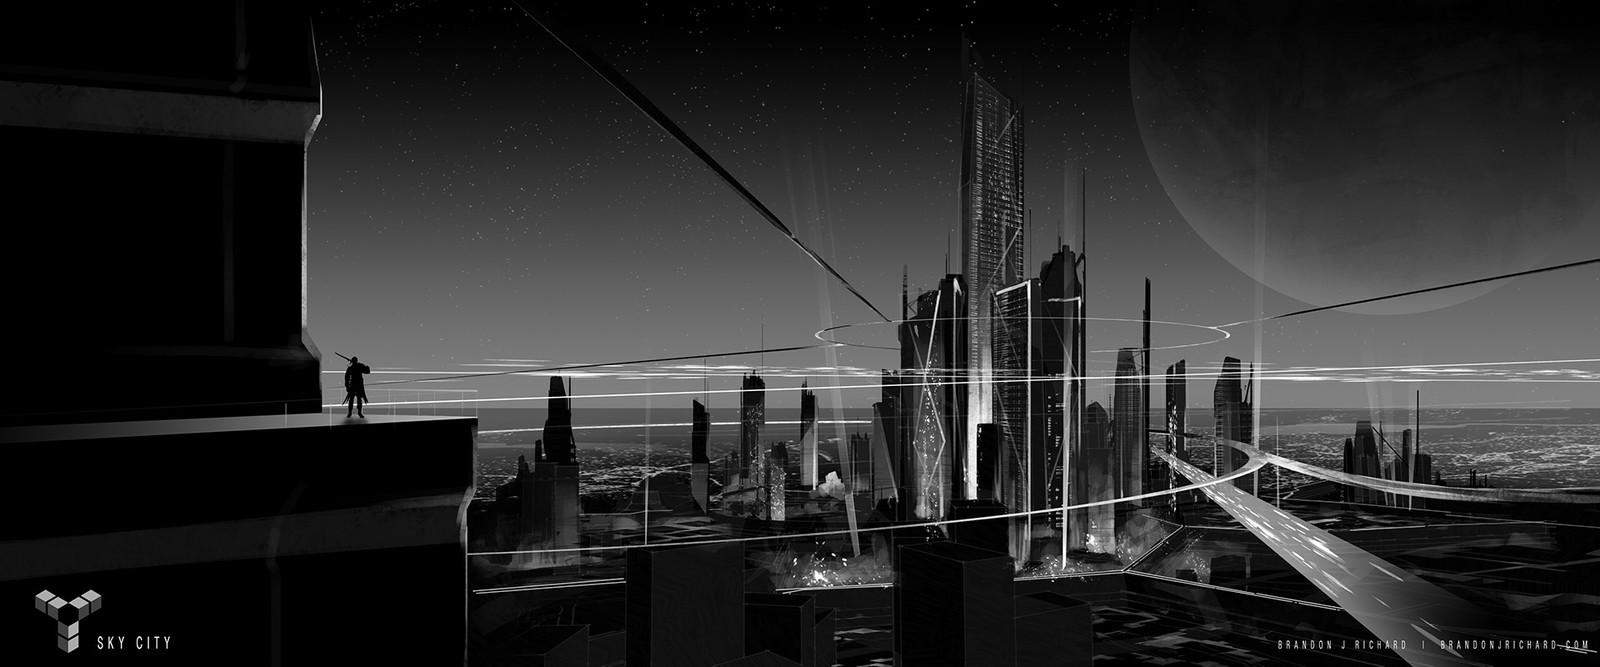 Sky City Concept 1